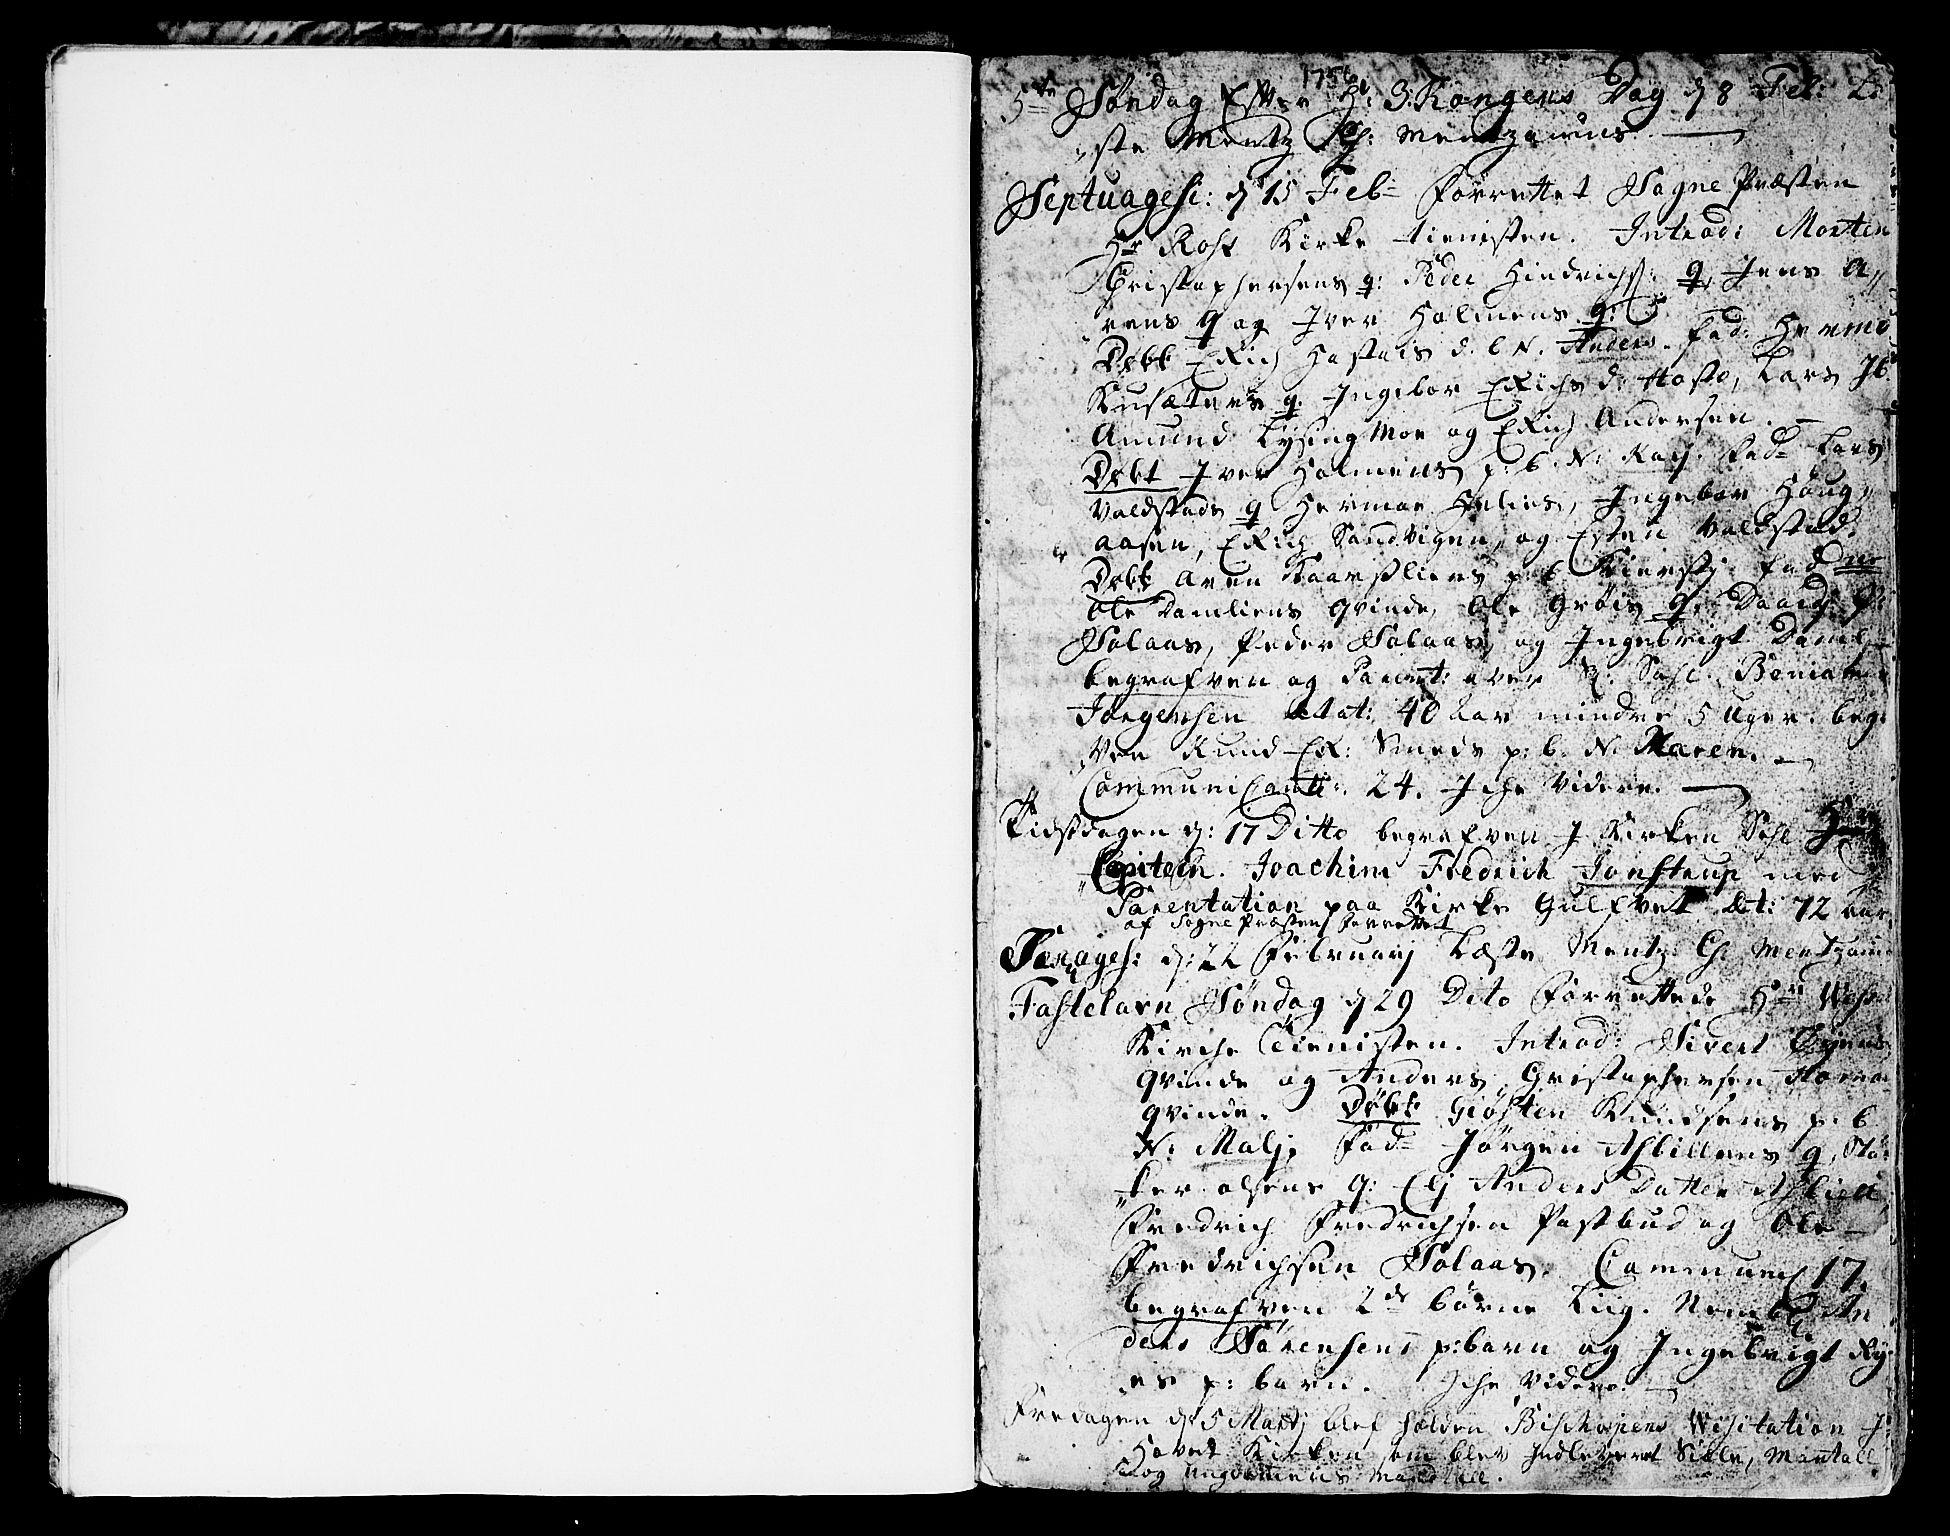 SAT, Ministerialprotokoller, klokkerbøker og fødselsregistre - Sør-Trøndelag, 671/L0840: Ministerialbok nr. 671A02, 1756-1794, s. 2-3